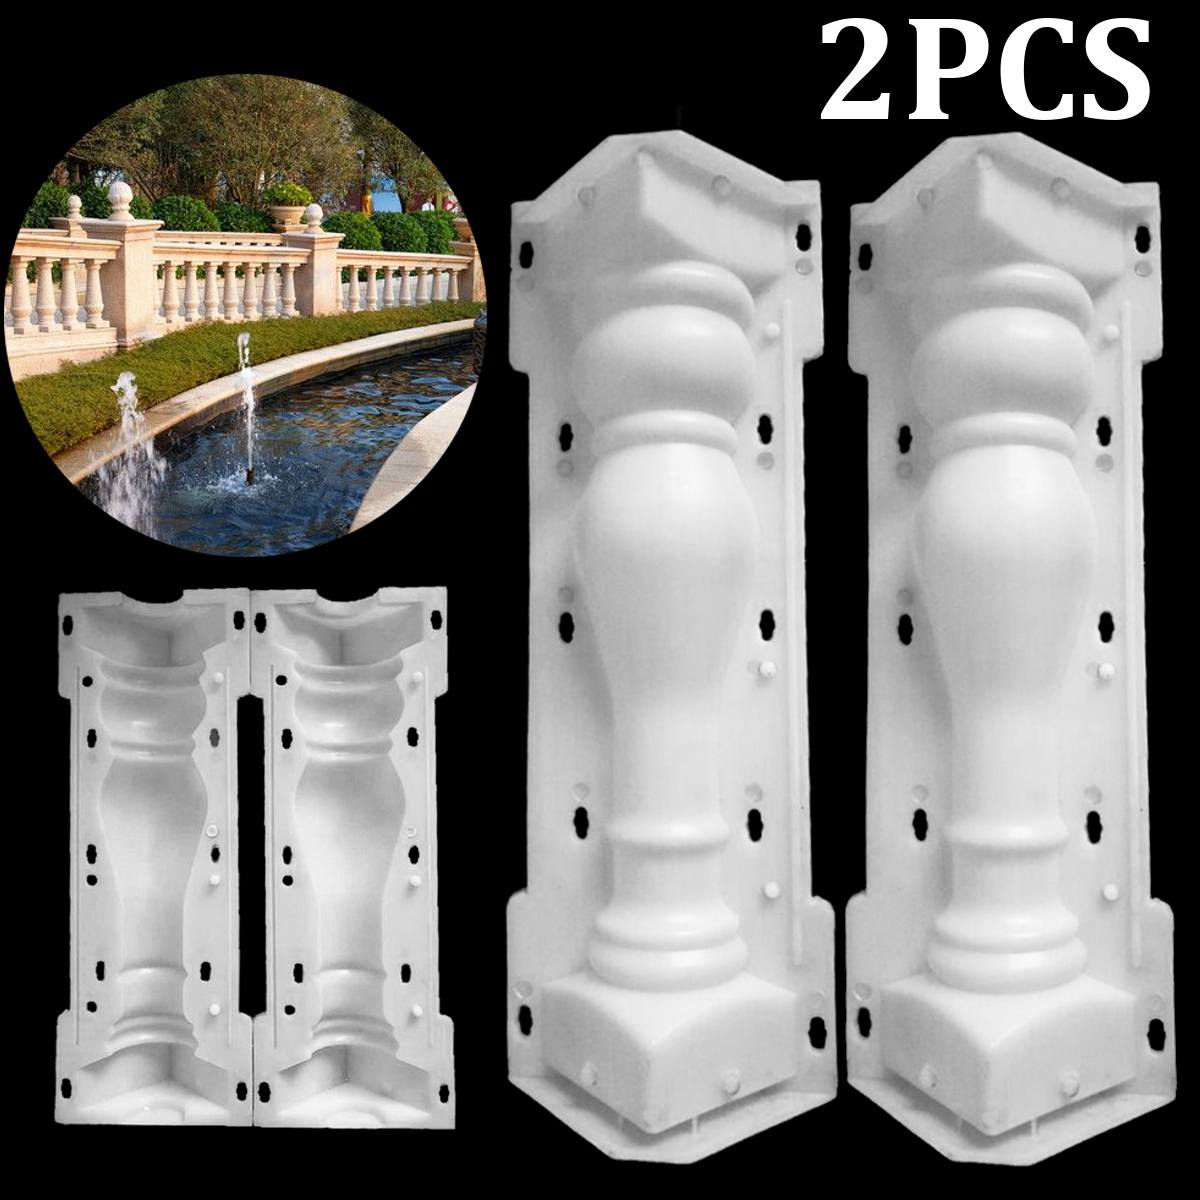 60x14cm Römischen Spalte Form Balkon Garten Pool Zaun Zement Geländer Gips Beton Form spalte form leitplanke Gebäude